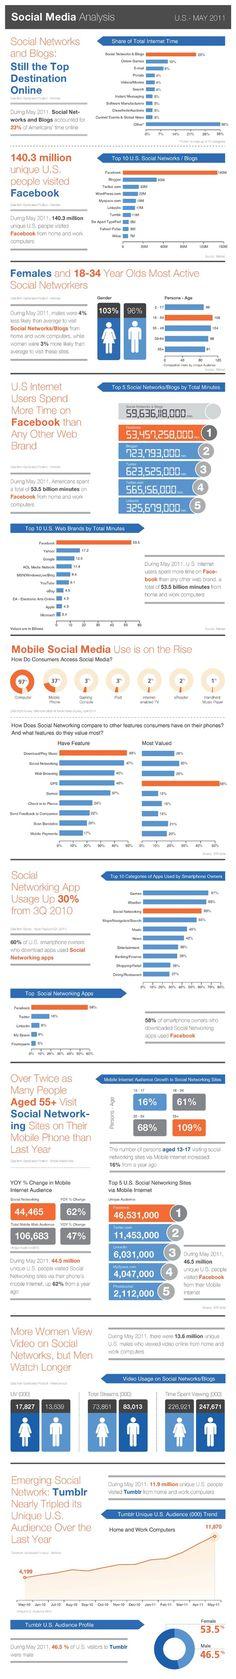 Social Media Analysis via www.InboxVision .com